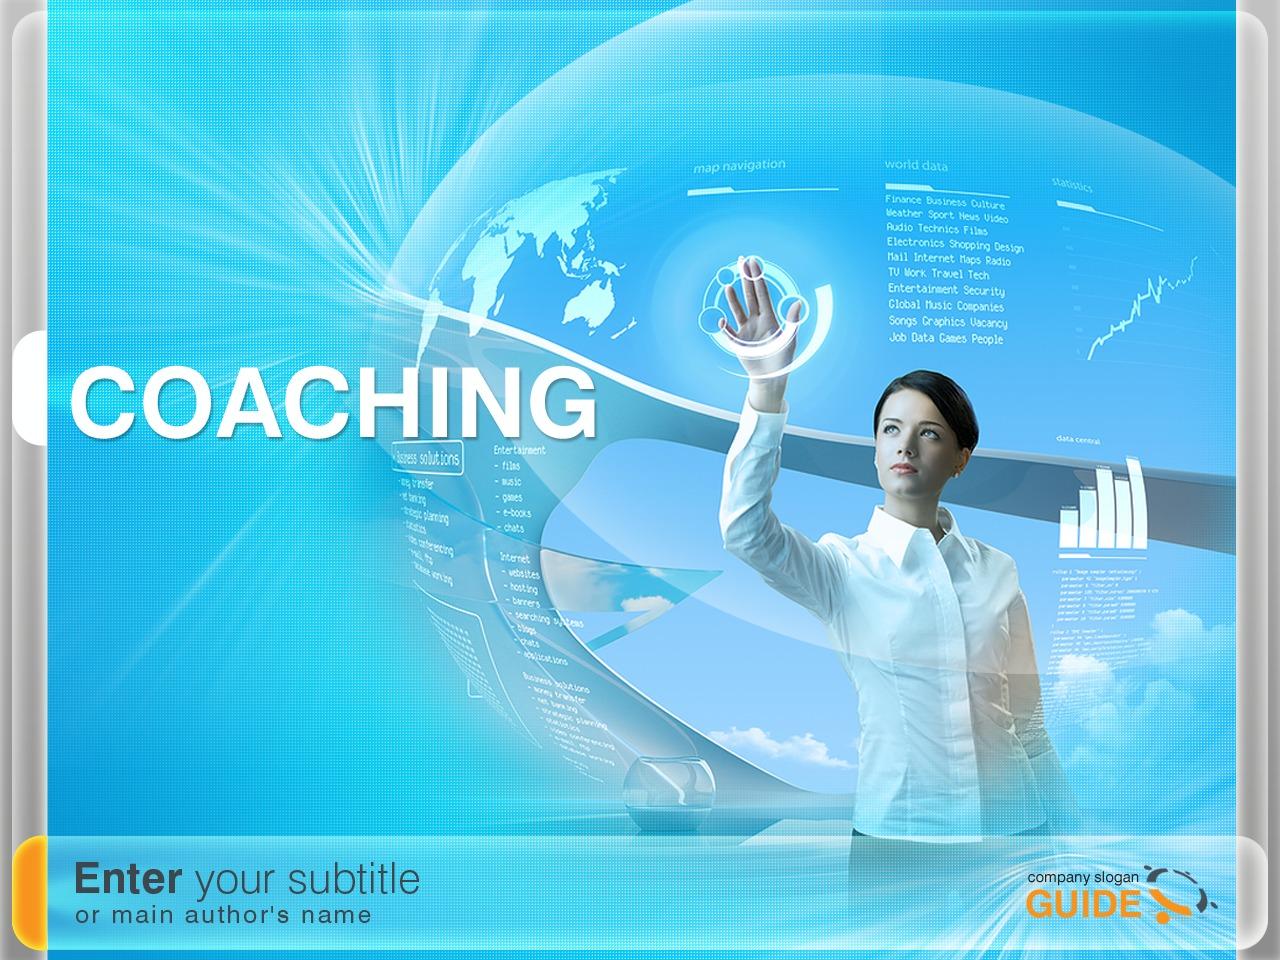 Szablon PowerPoint #32498 na temat: szkoła biznesu